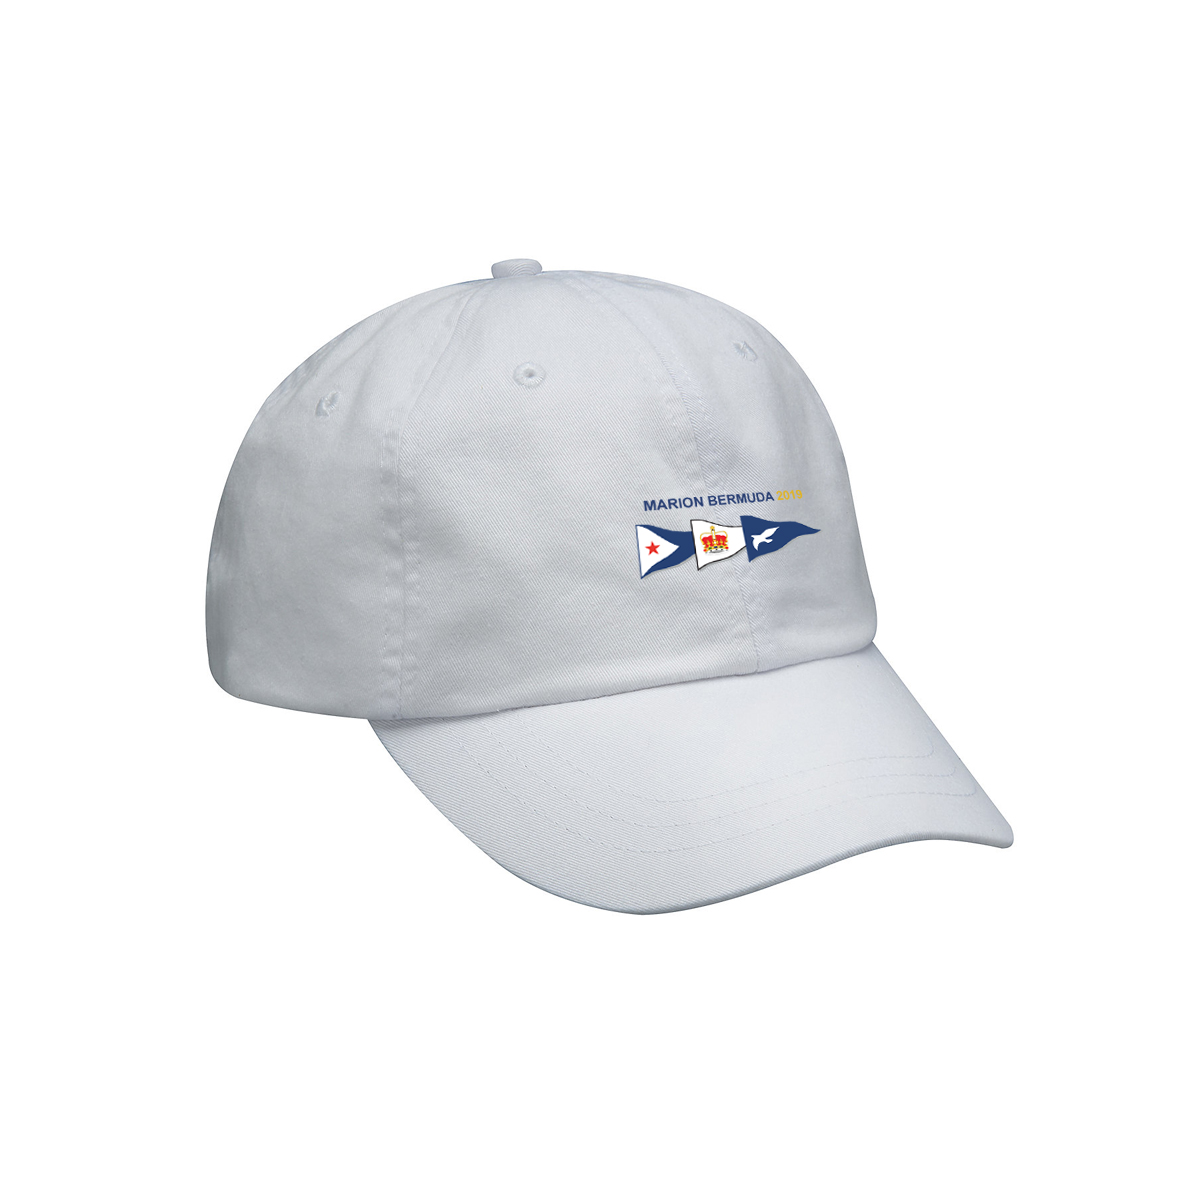 MBR  19 COTTON HAT